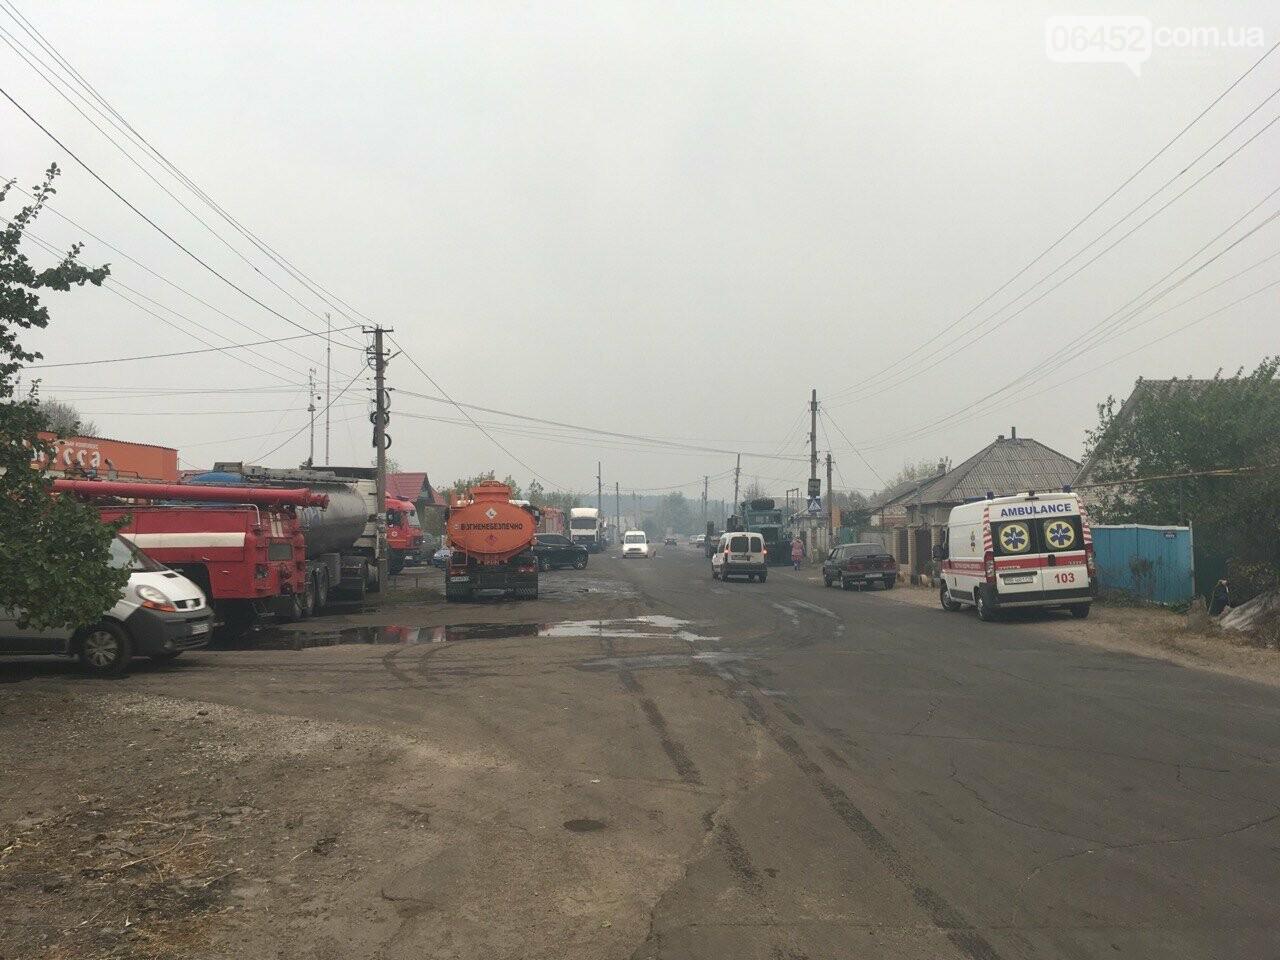 К тушению пожаров под Северодонецком подключена авиация (фото, видео), фото-6